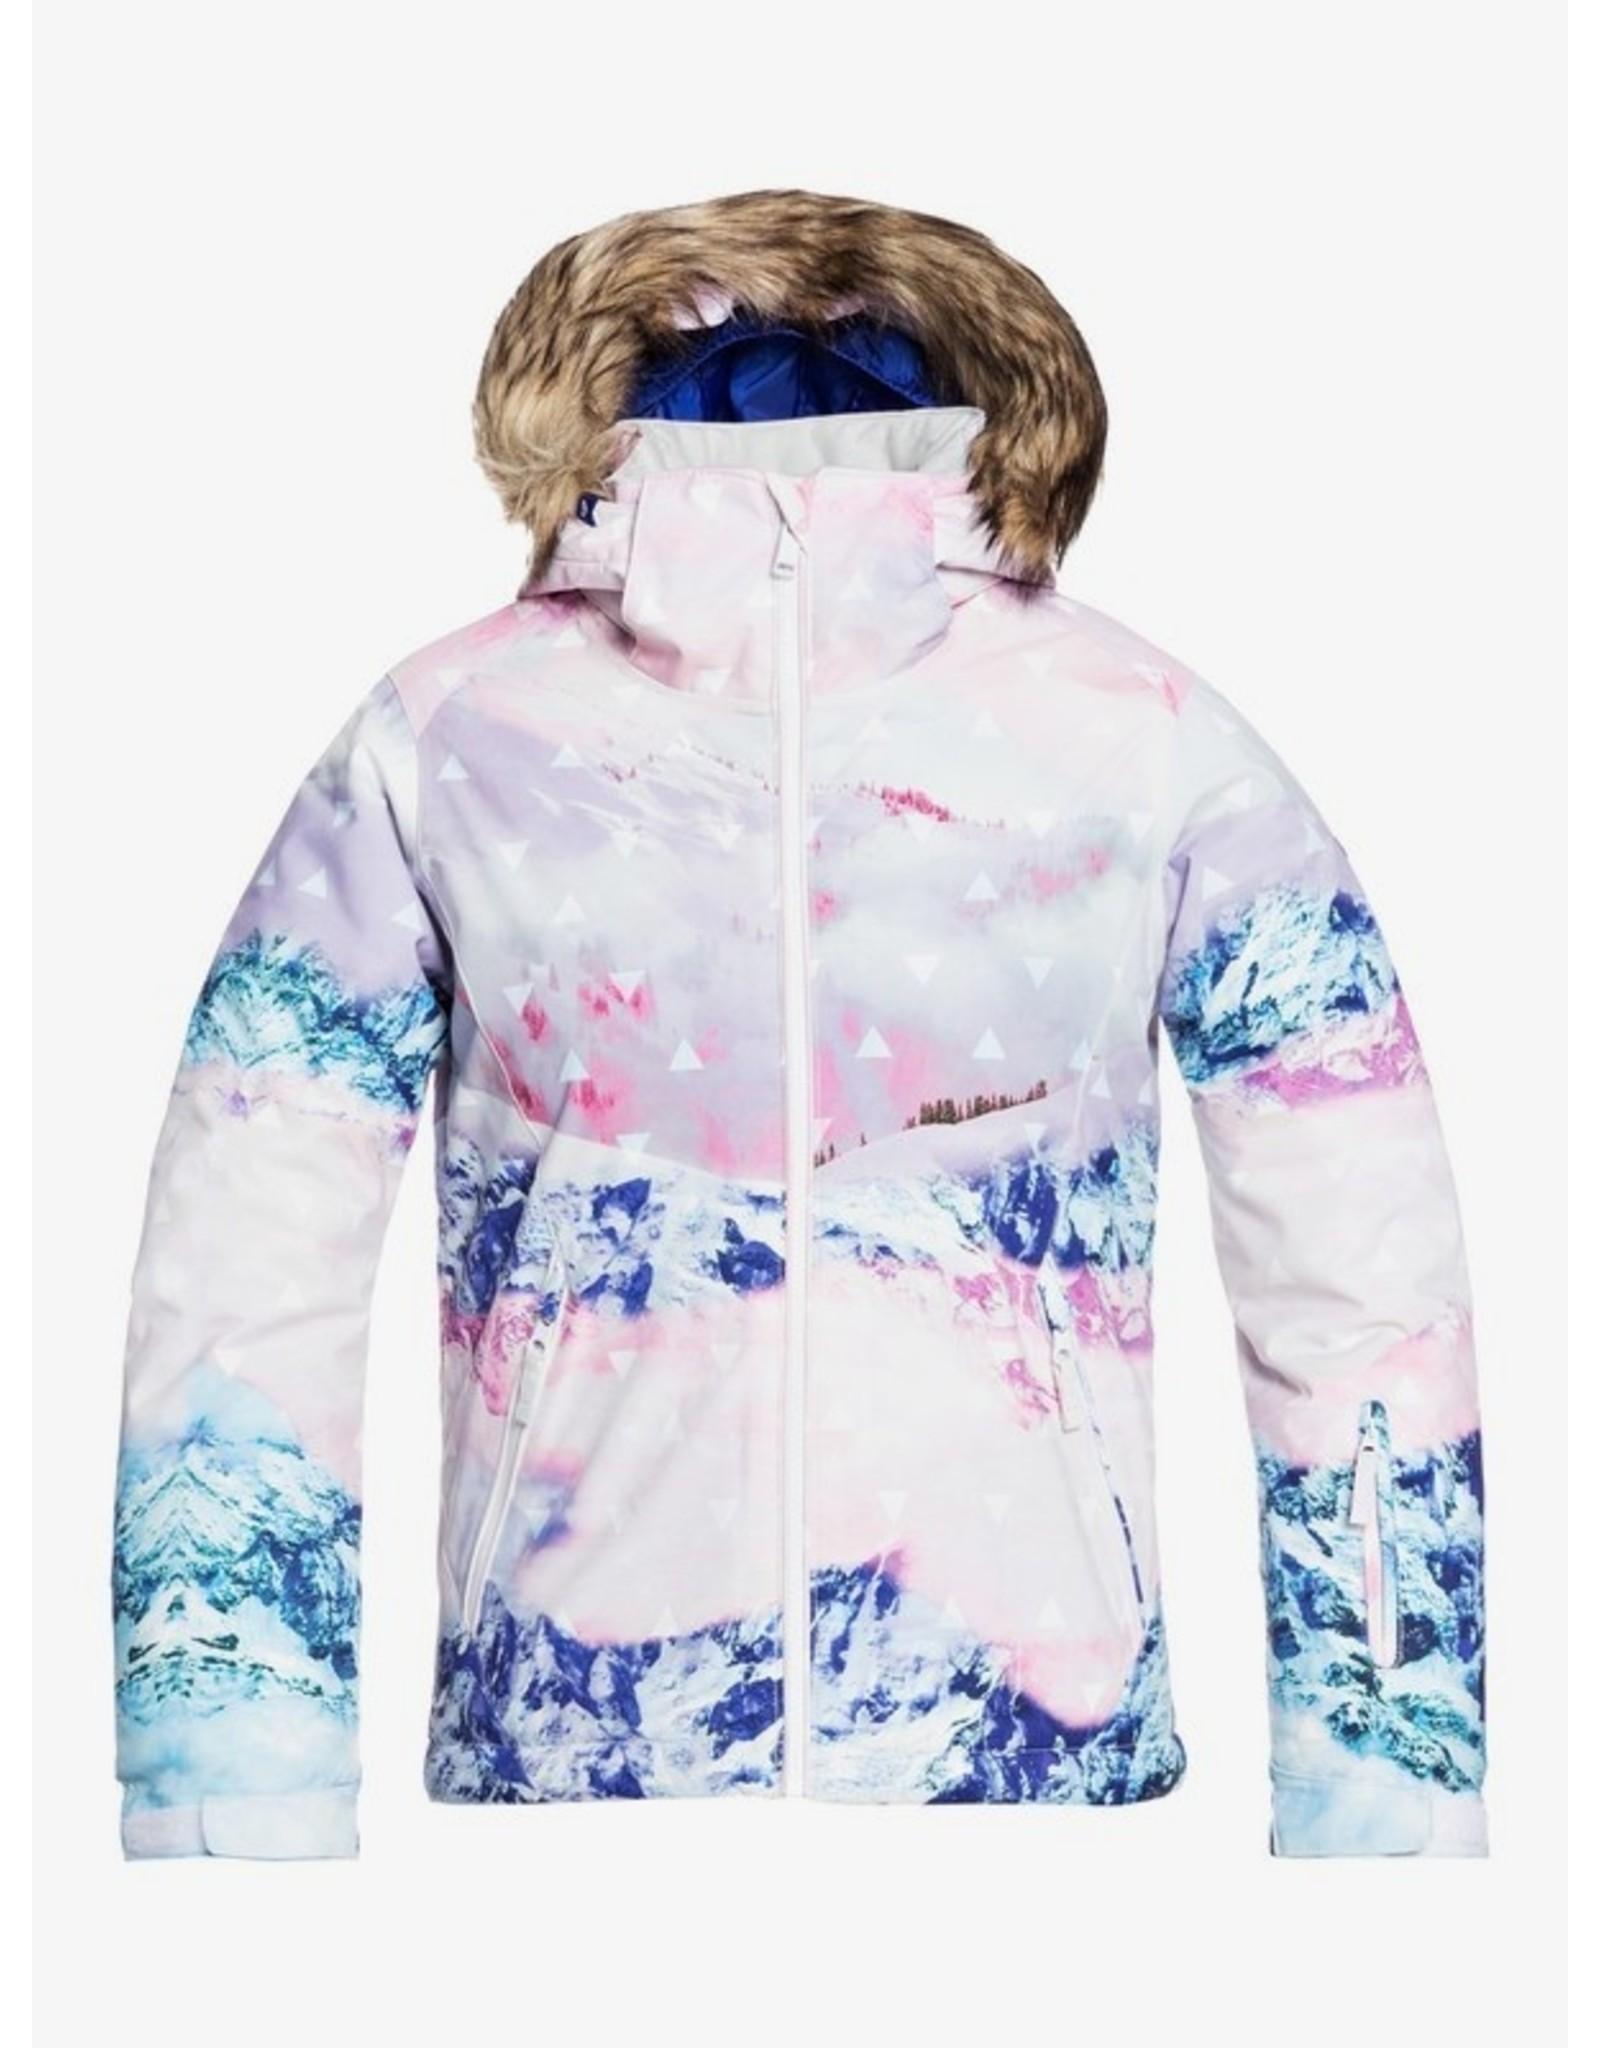 ROXY Roxy American Pie Snow Jacket Girl's